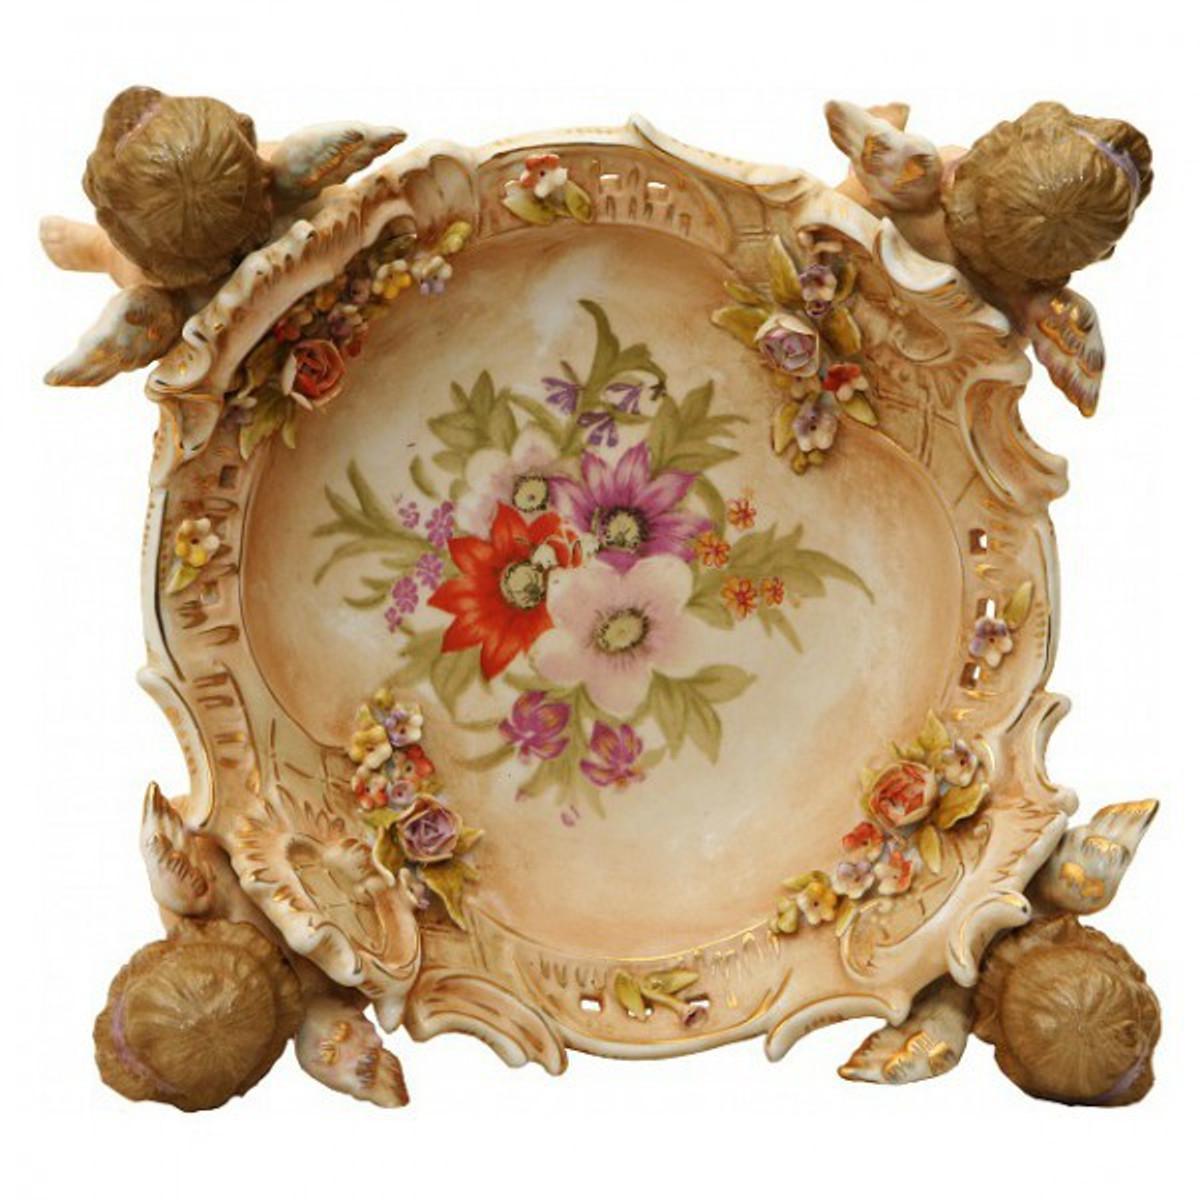 Porzellan Dekoration 4 Engel tragen Schale. Tolle Tisch Dekoration für Süßes.